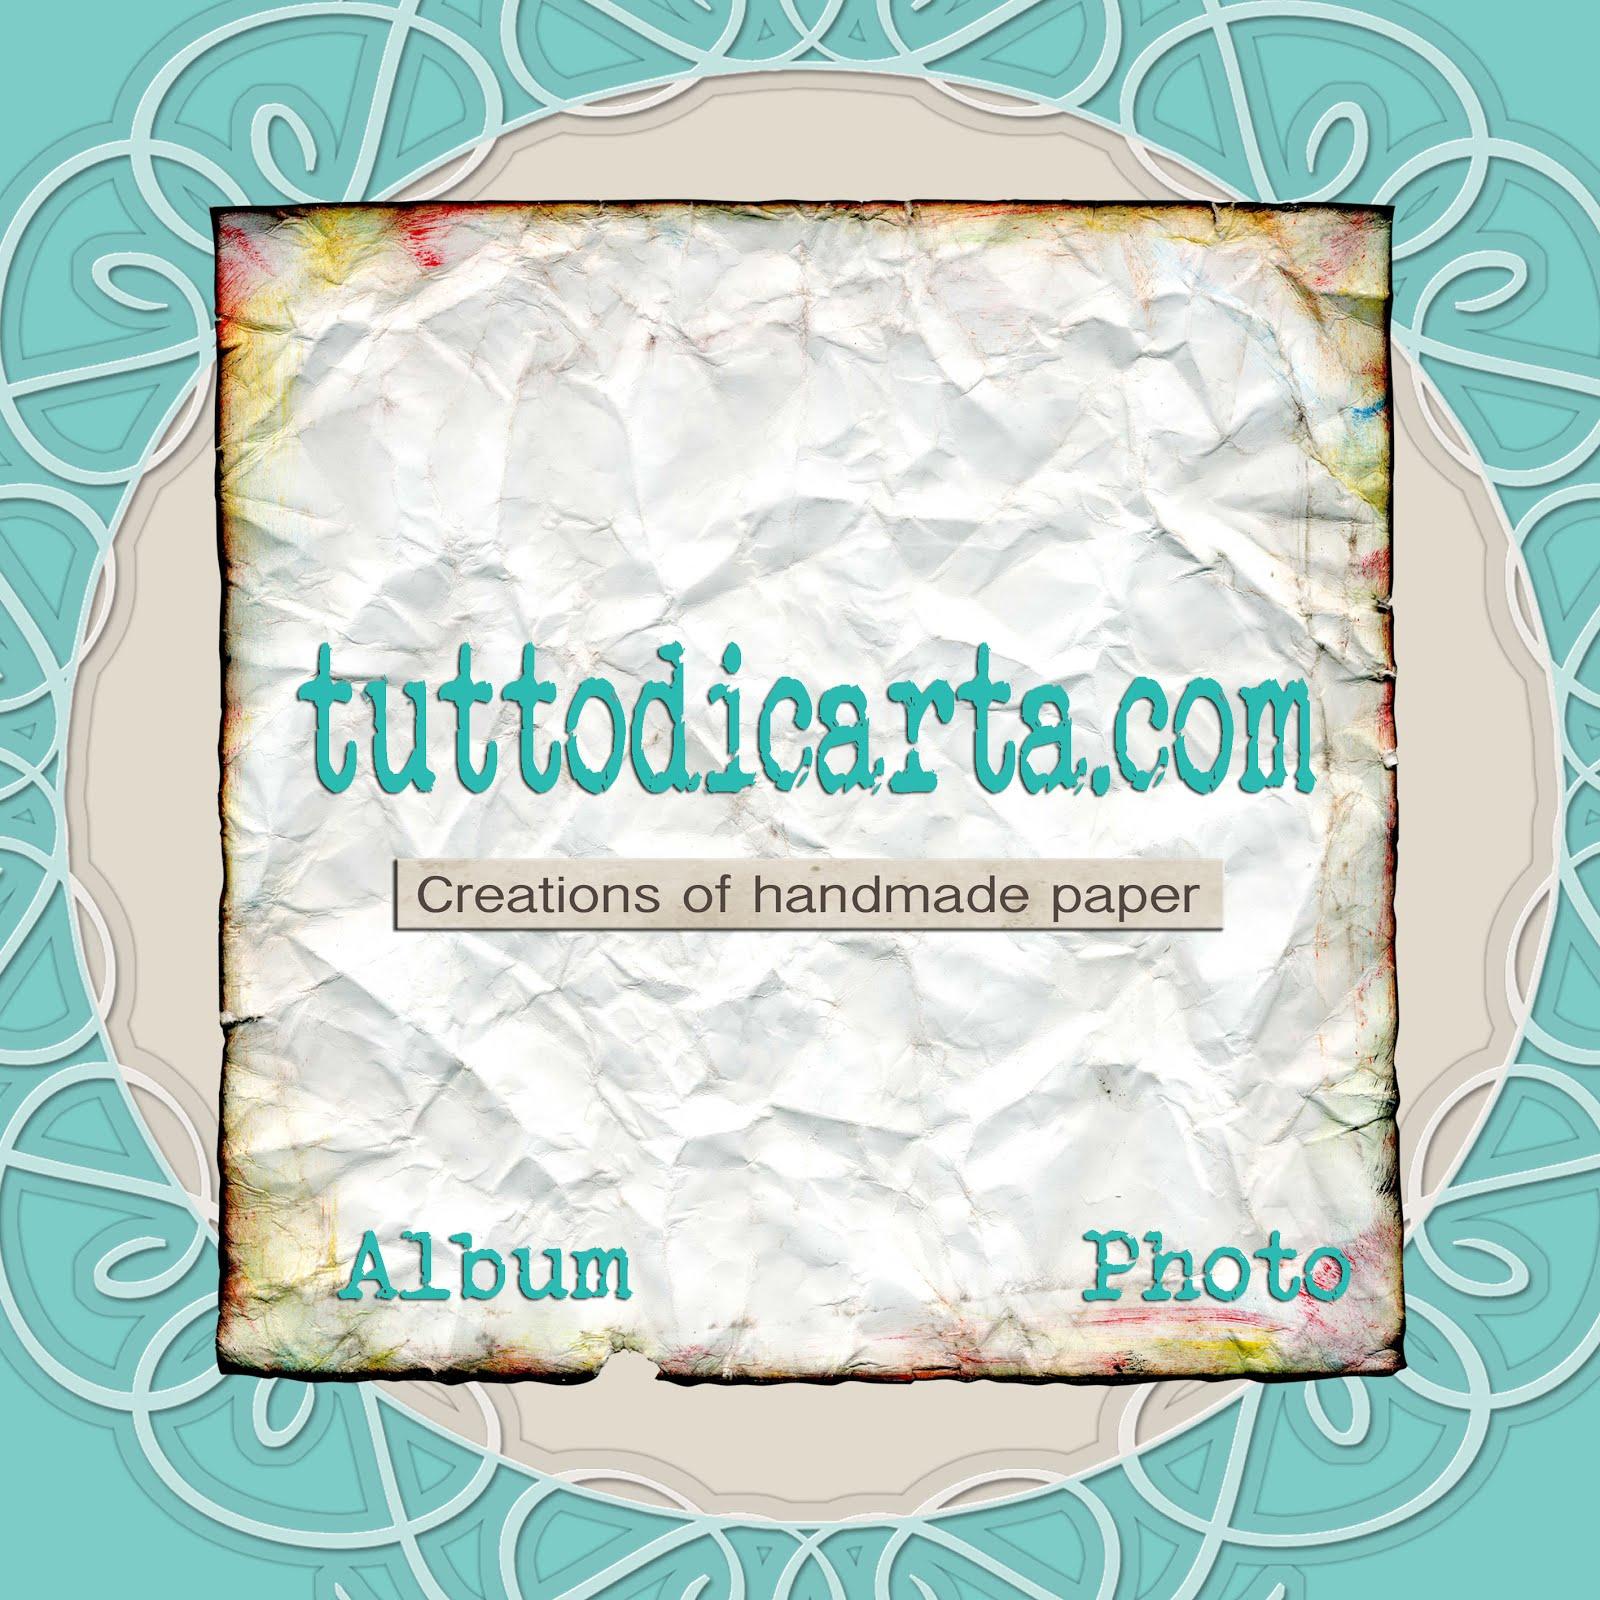 TUTTODICARTA